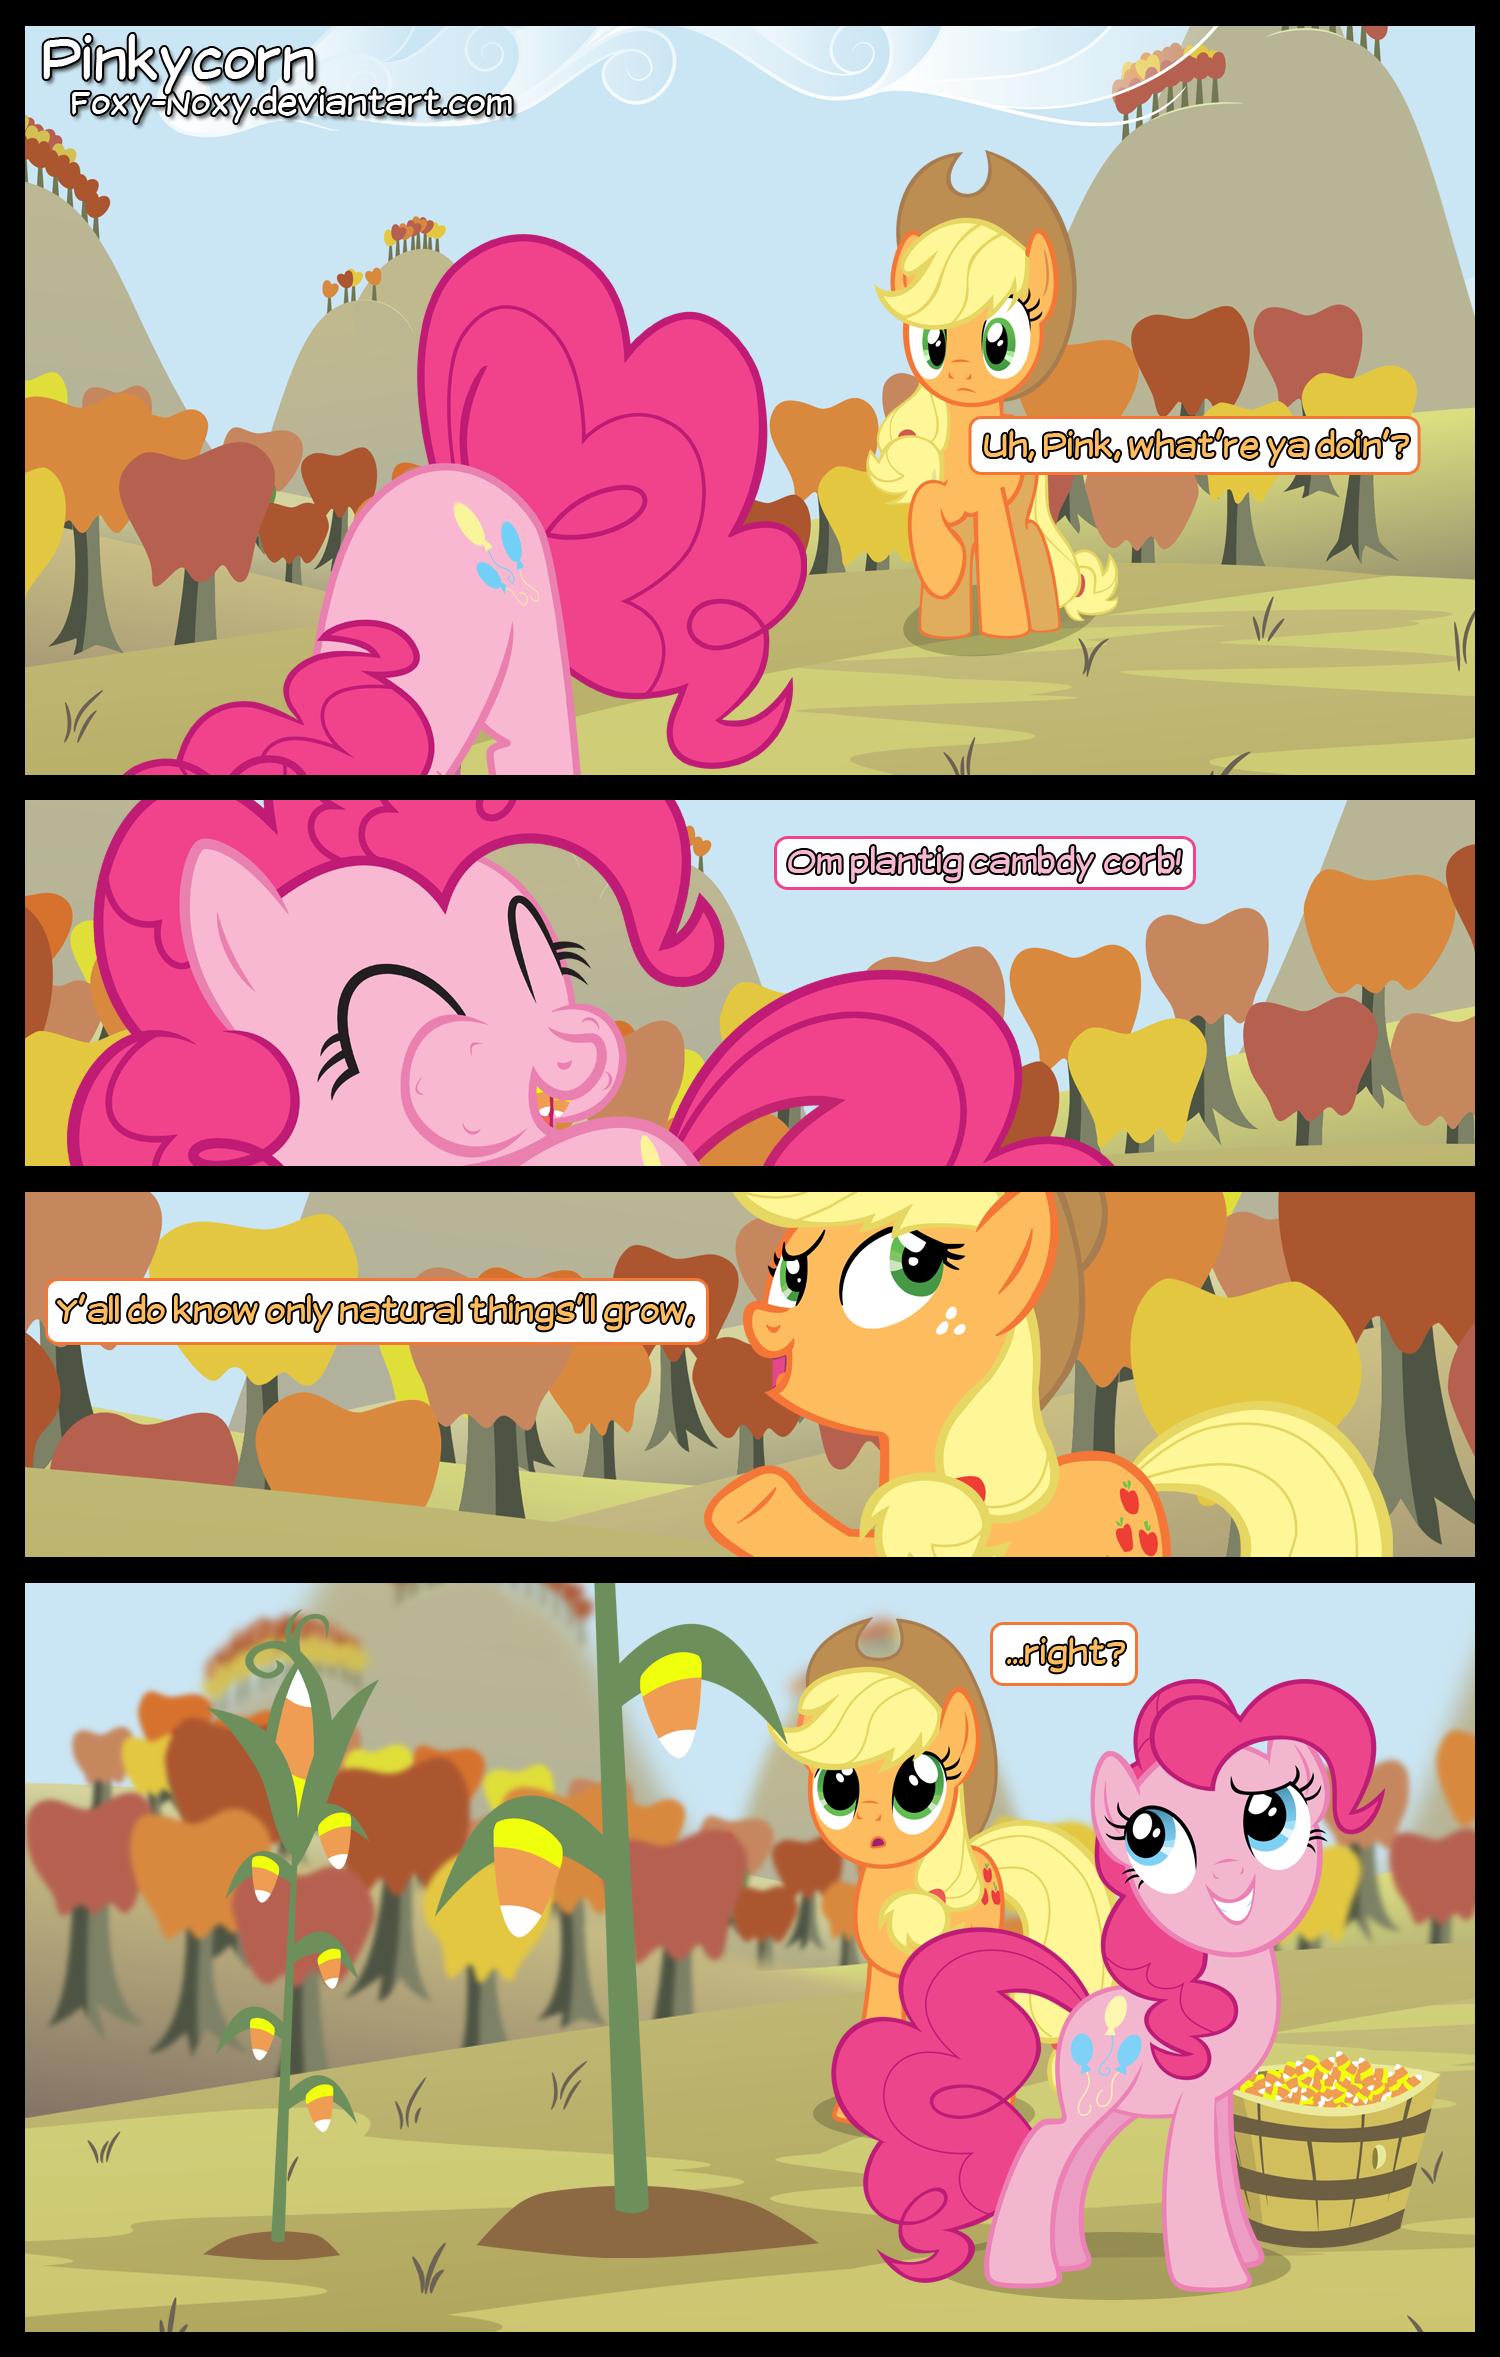 Pinkycorn by Foxy-Noxy